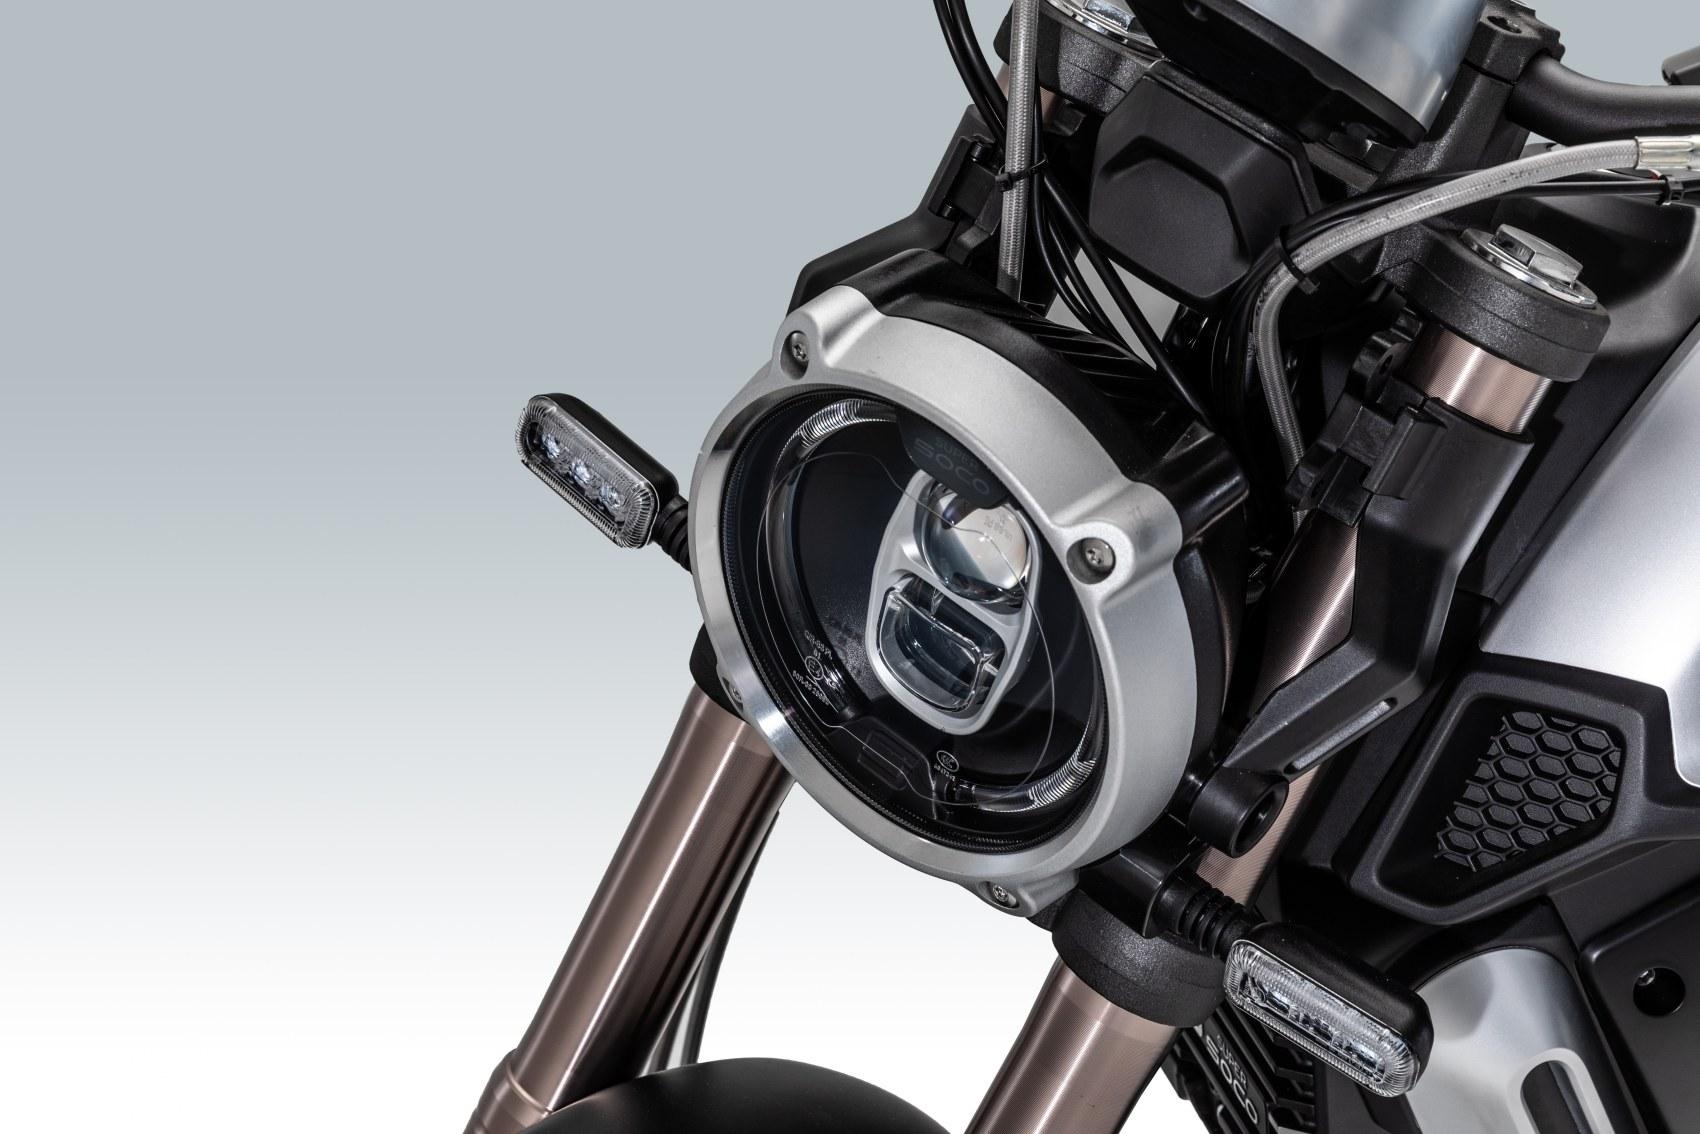 Super Soco TC Max headlight